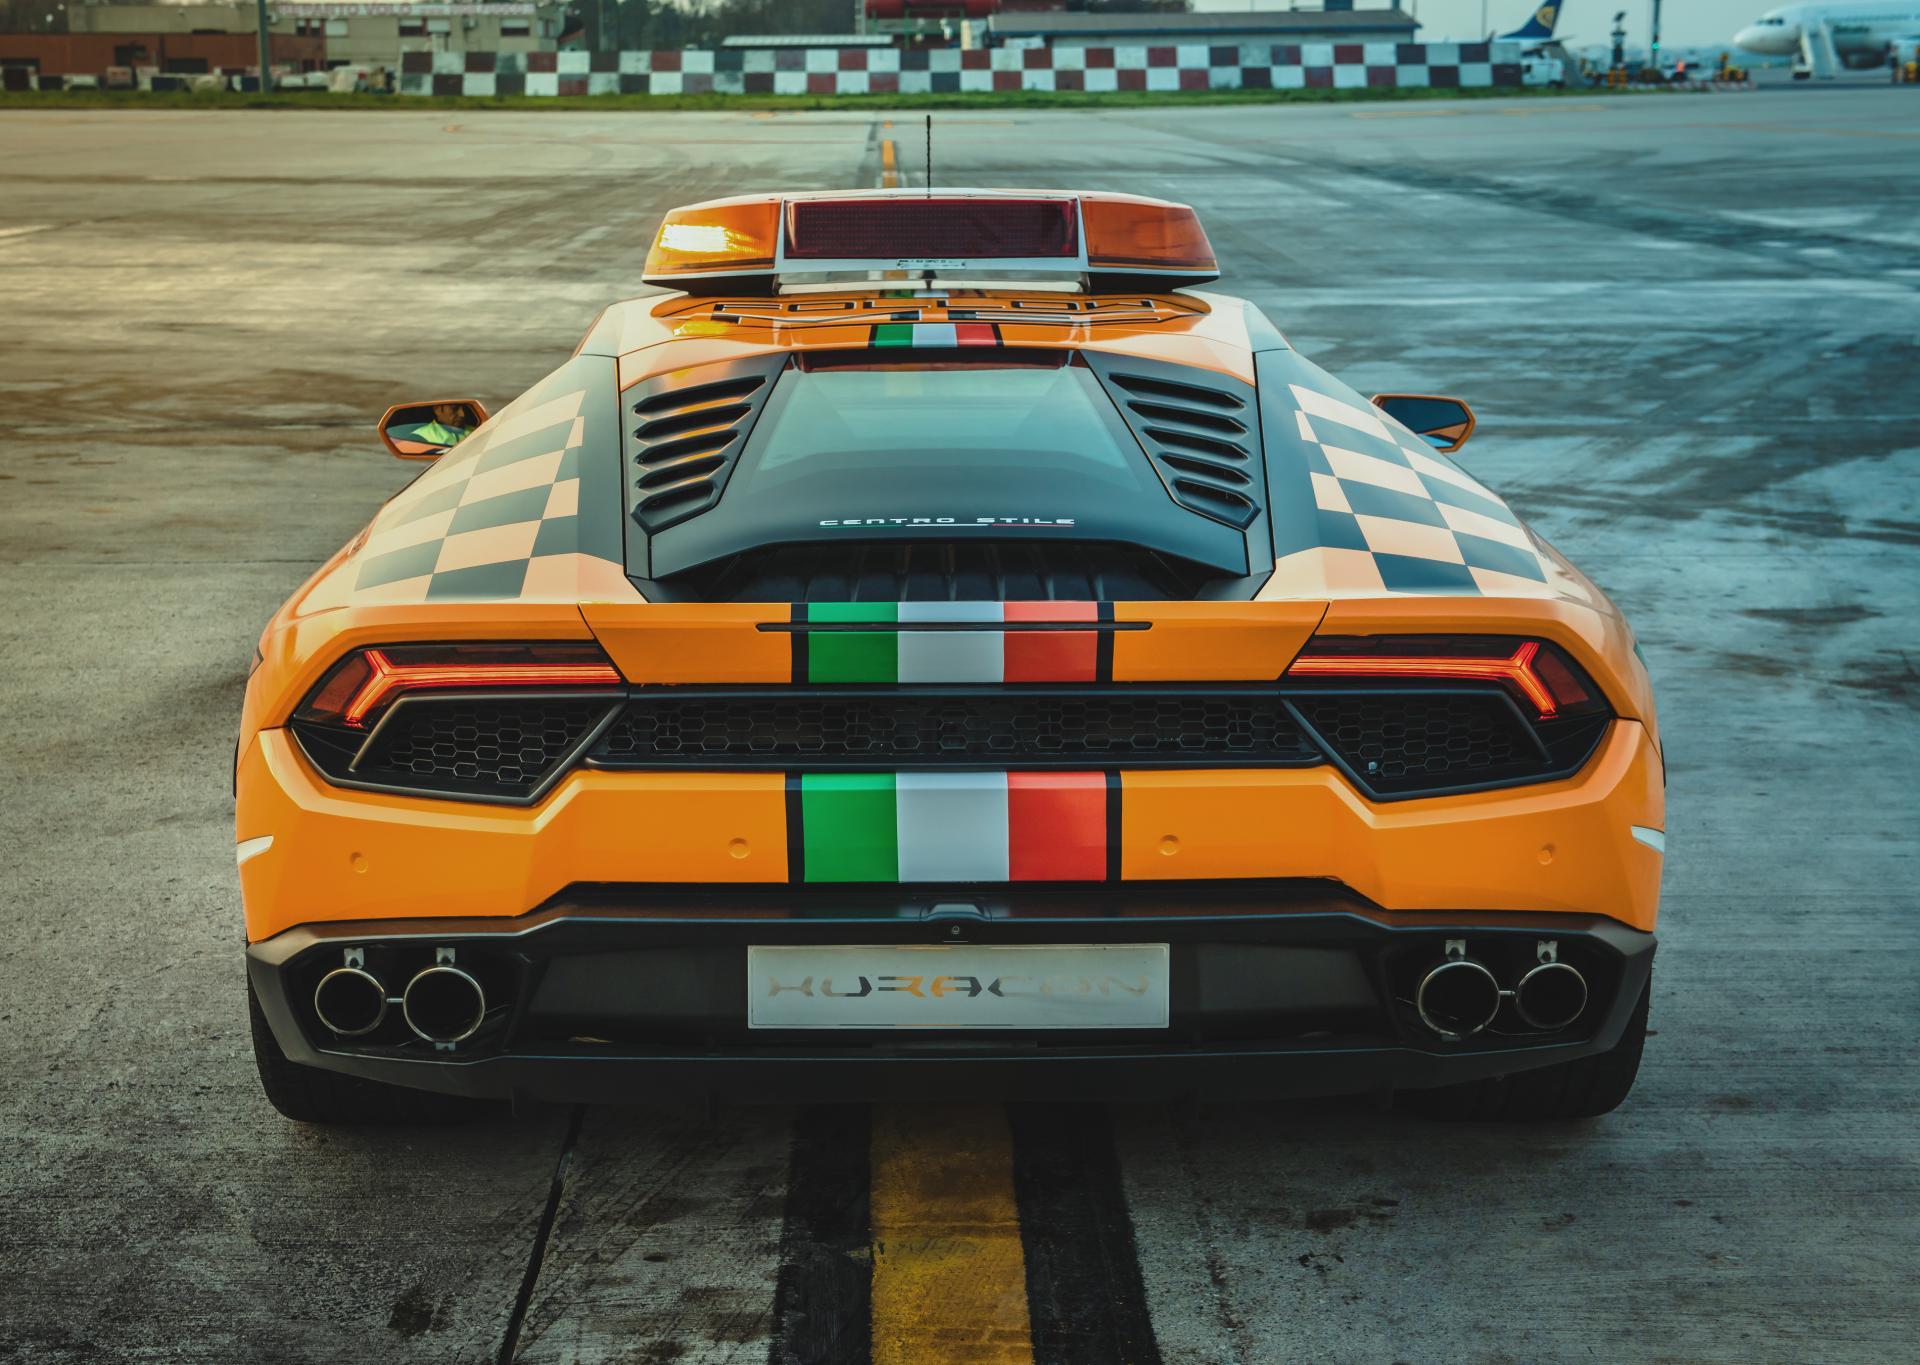 Lamborghini-Huracan-RWD-Follow-Me-Car-Bologna-Airport-9